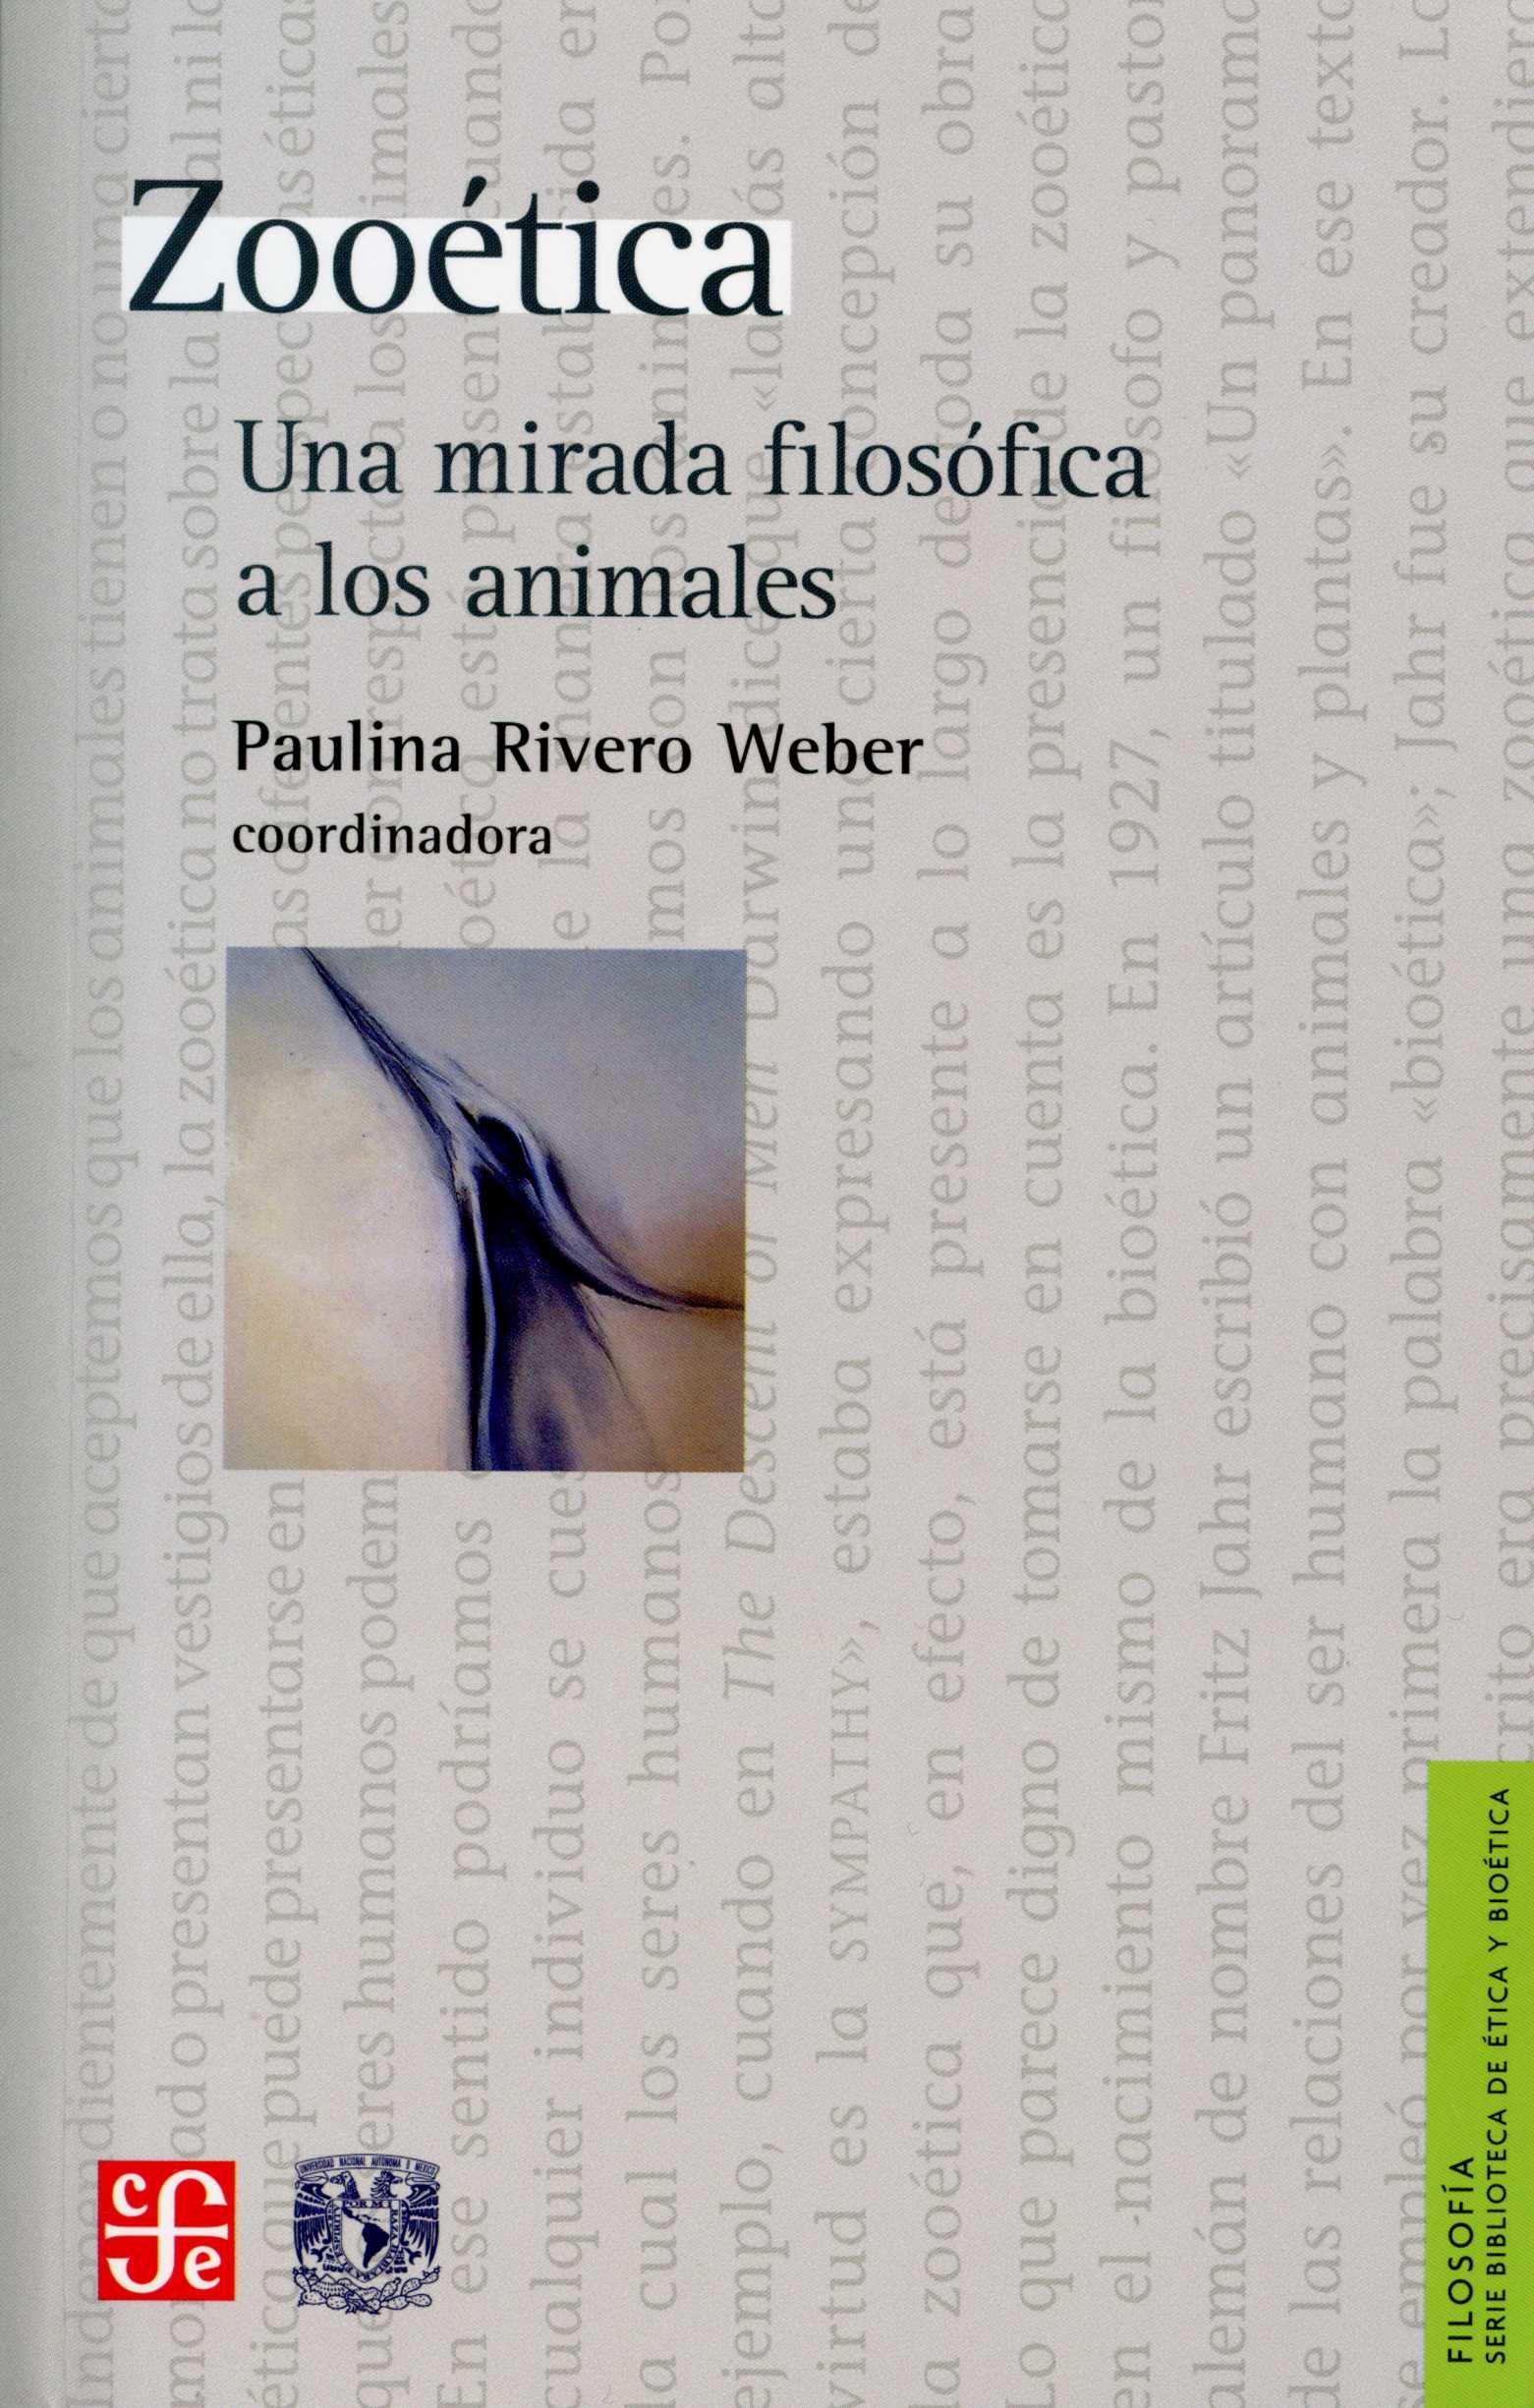 Zooética. Una mirada filosófica a los animales